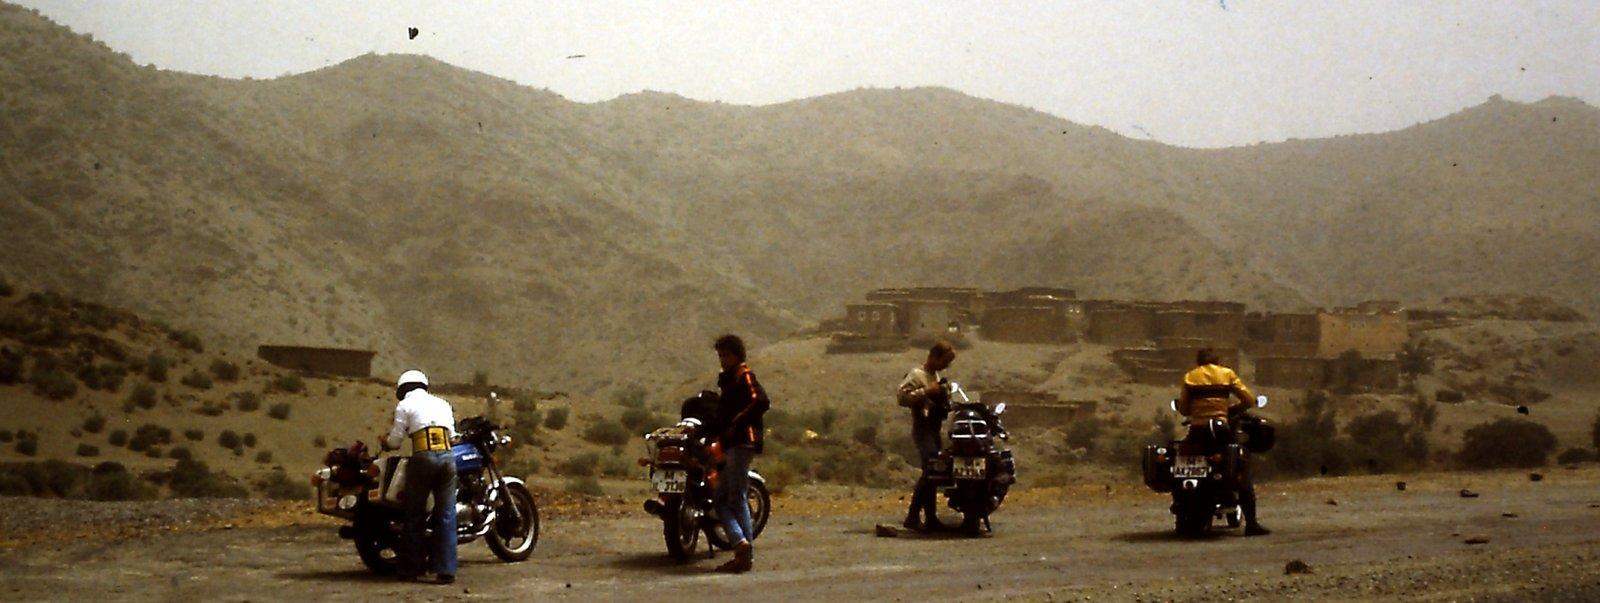 Vier Motorräder im Hohen Atlas - Marokko